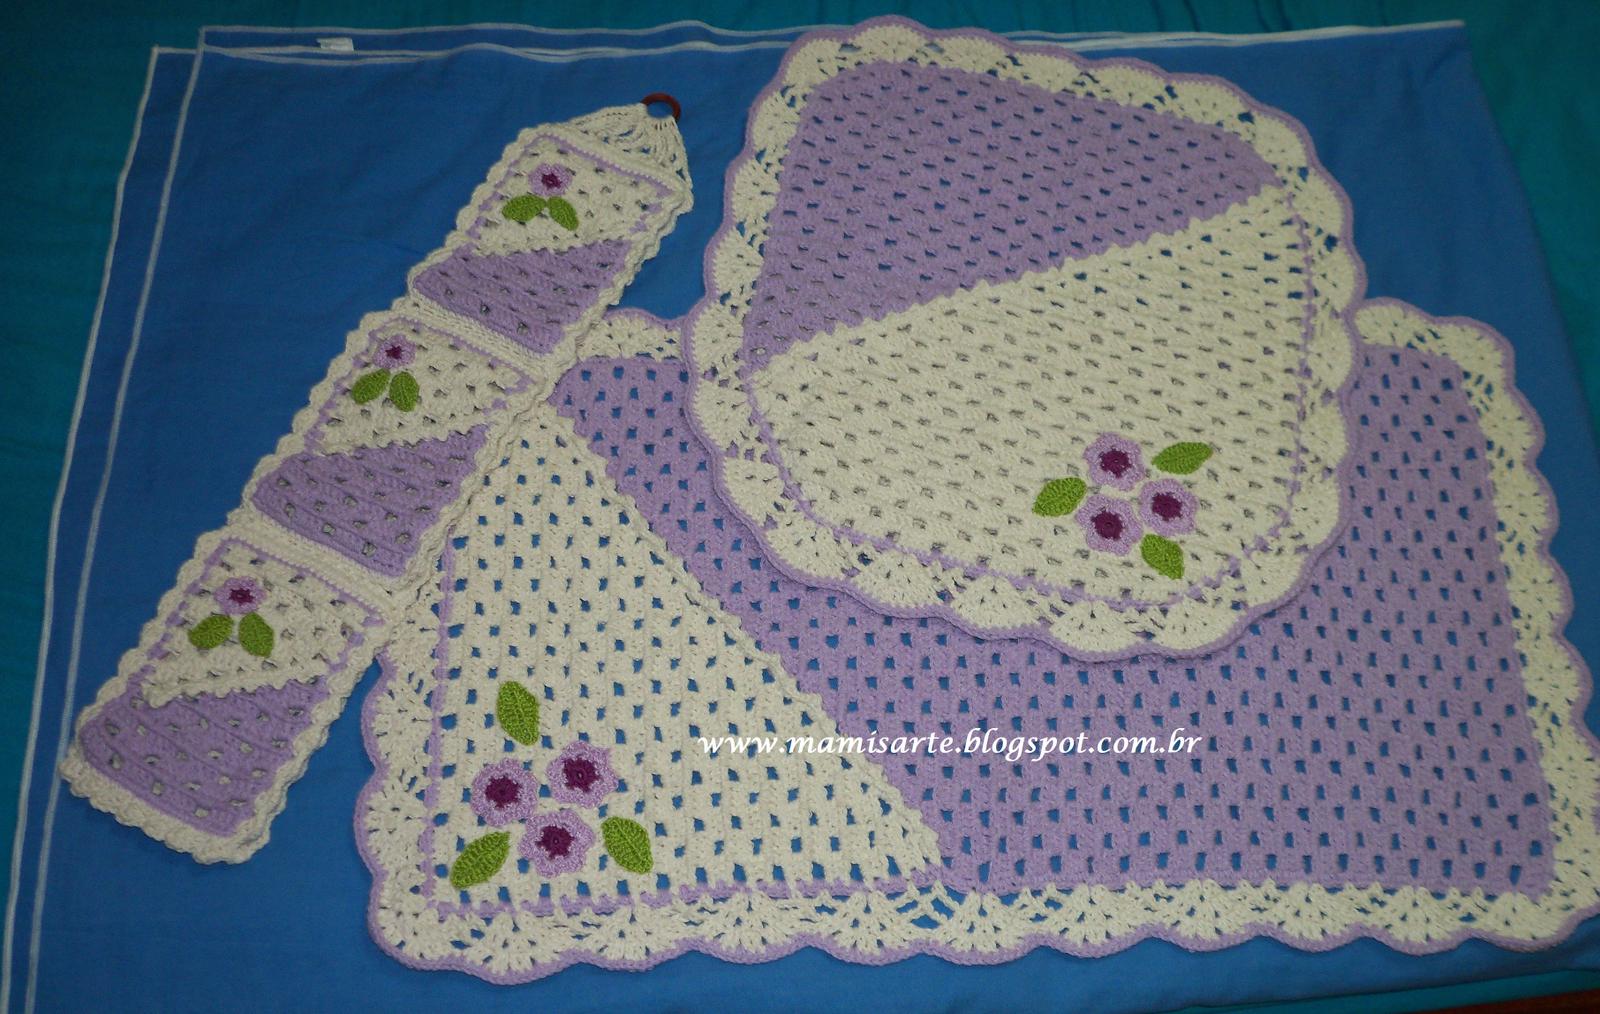 Crochet et Tricot da Mamis Jogo de Banheiro em Duas Cores Como diminuir e a -> Jogo De Banheiro Simples Em Croche Passo A Passo